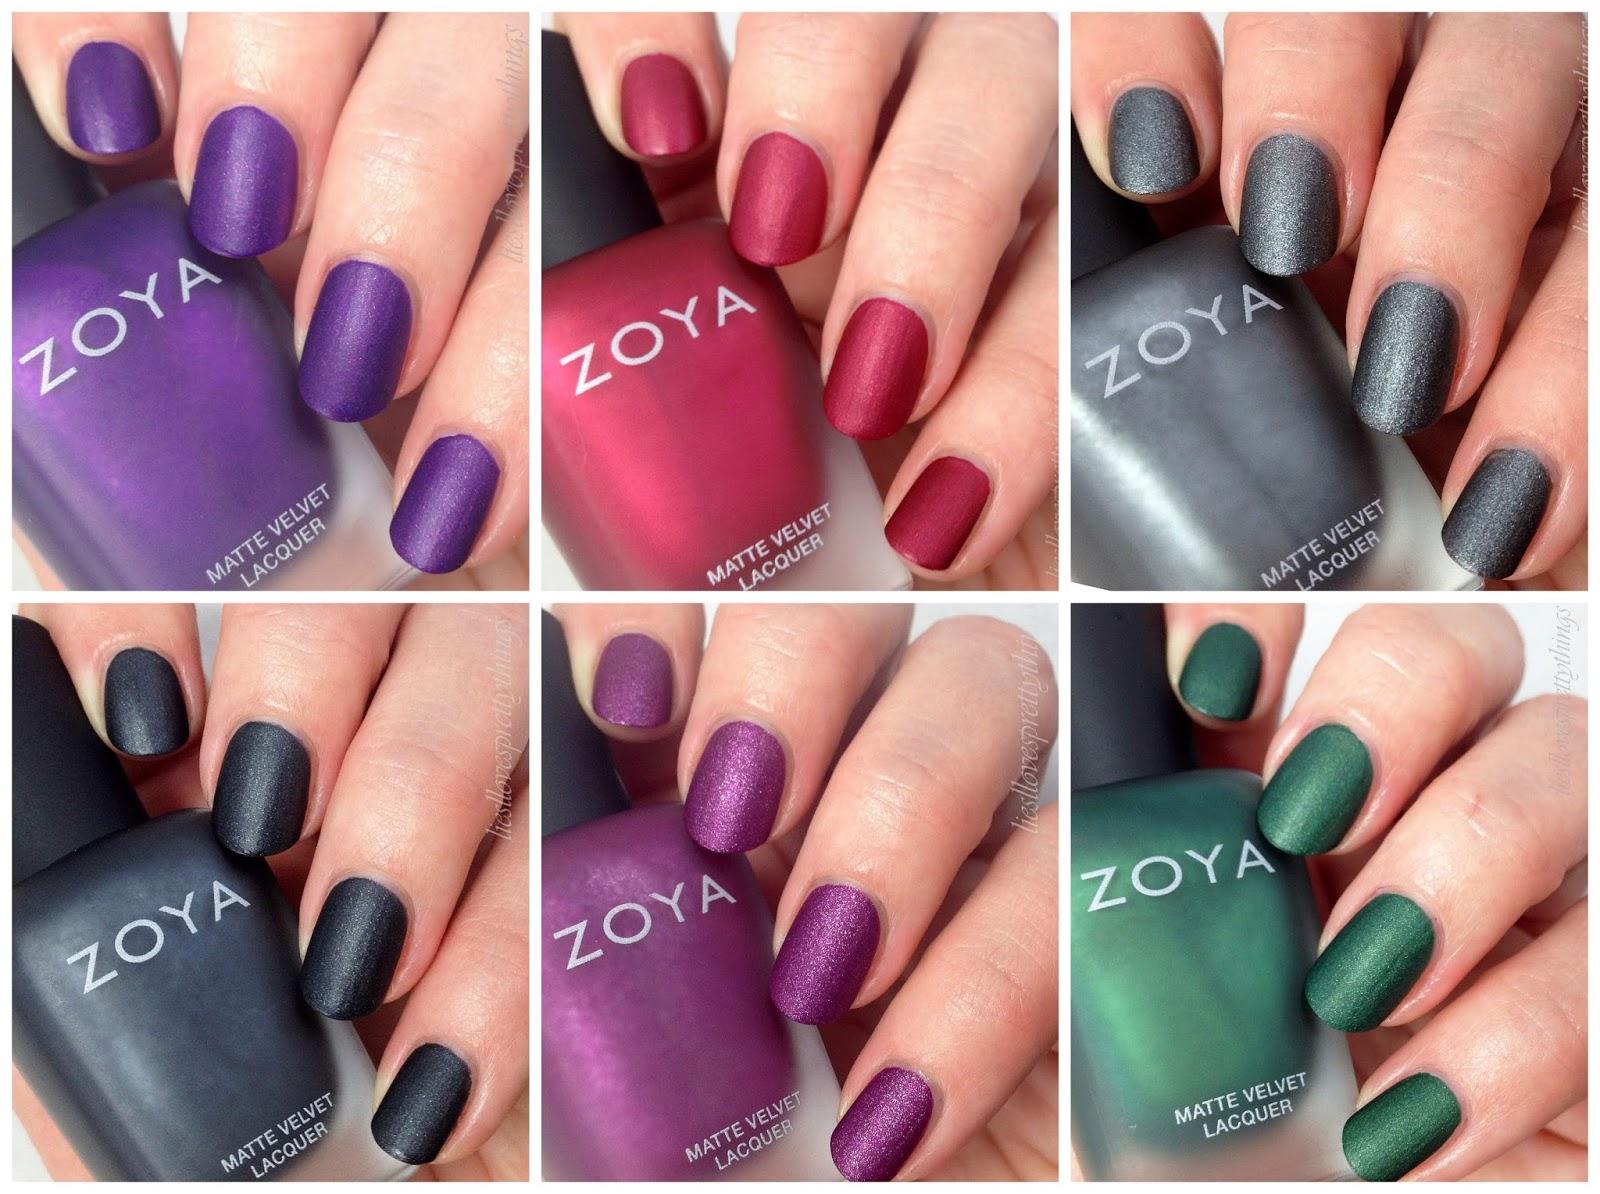 Zoya Matte Velvets